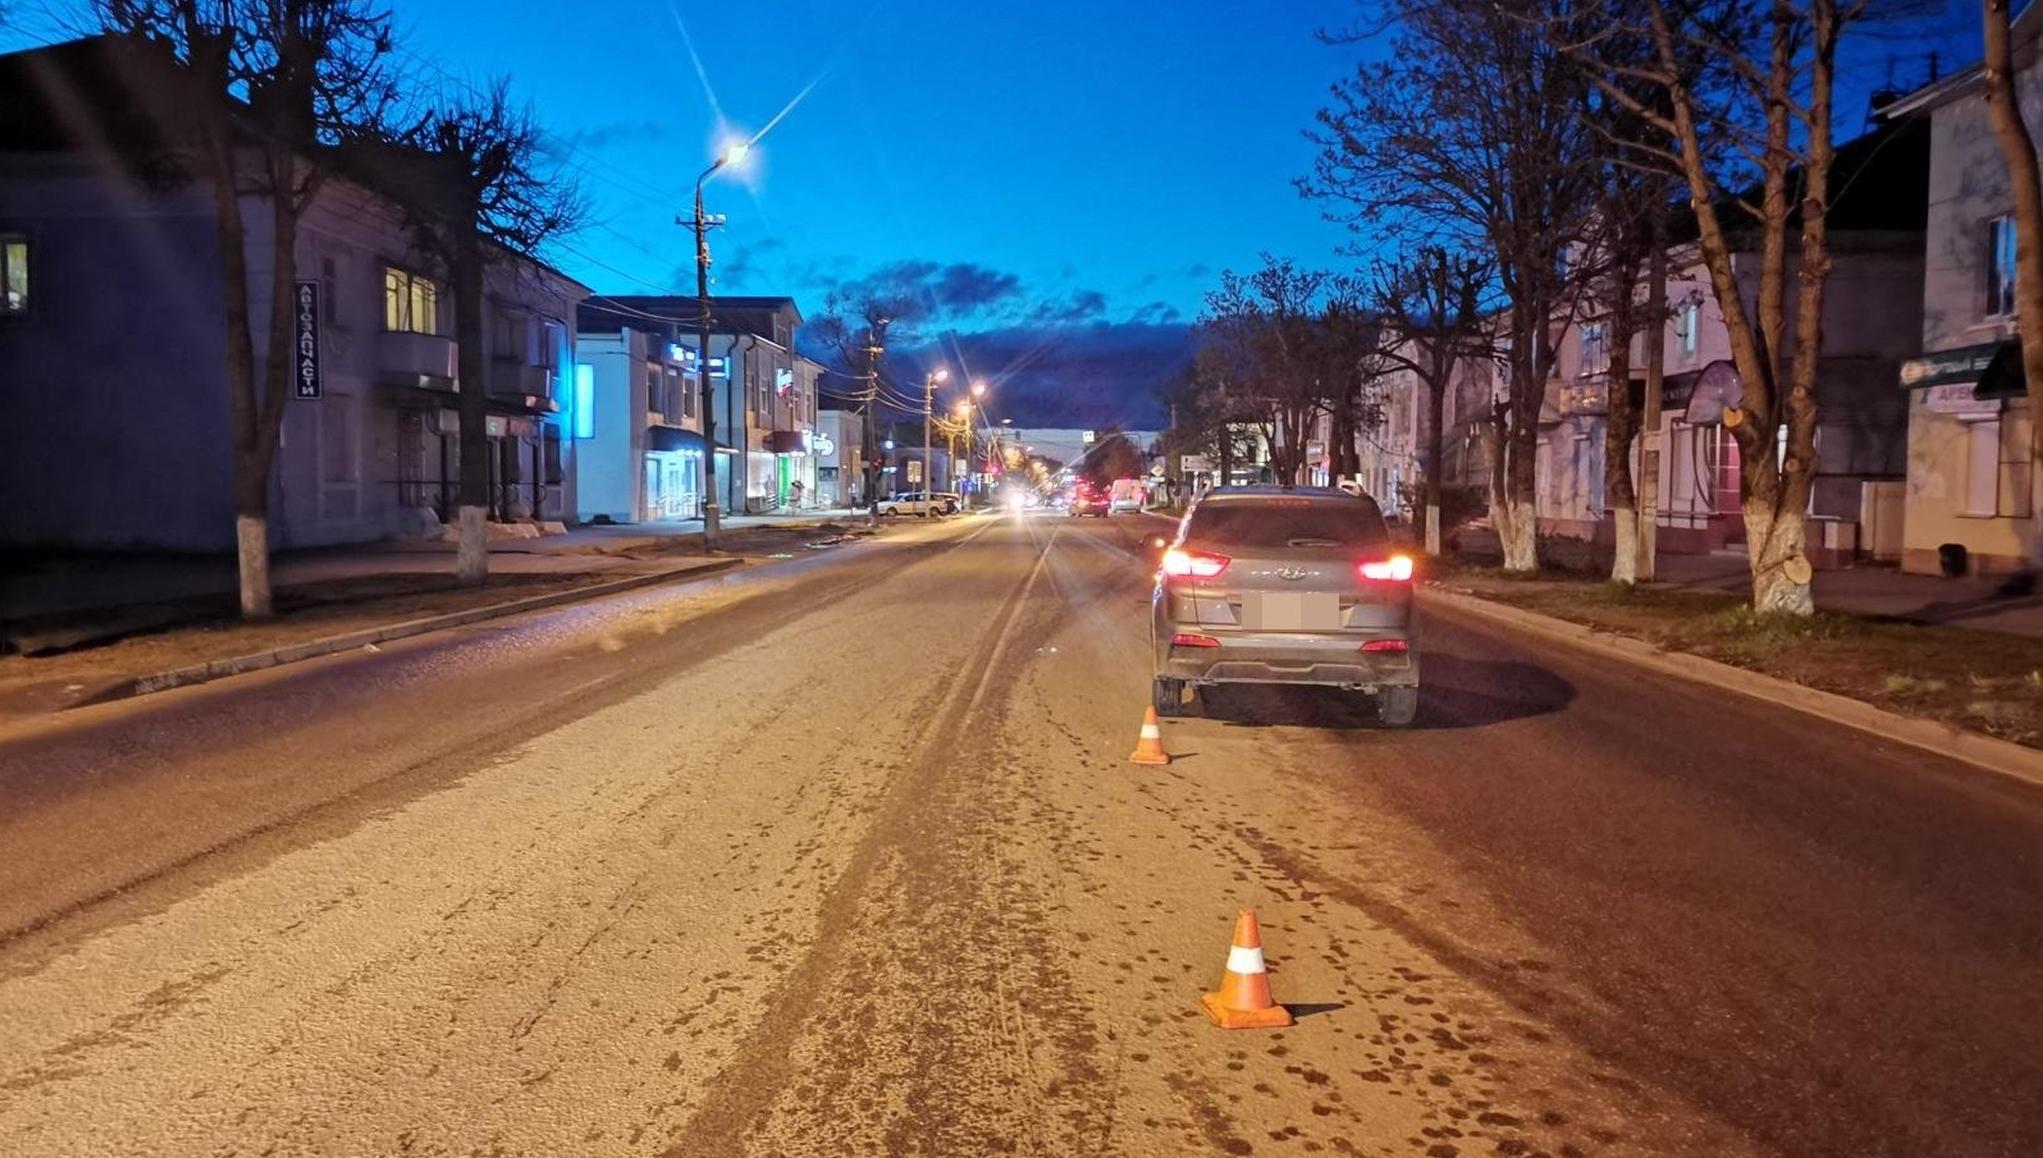 Пешеход попал под машину в Ржеве Тверской области - новости Афанасий